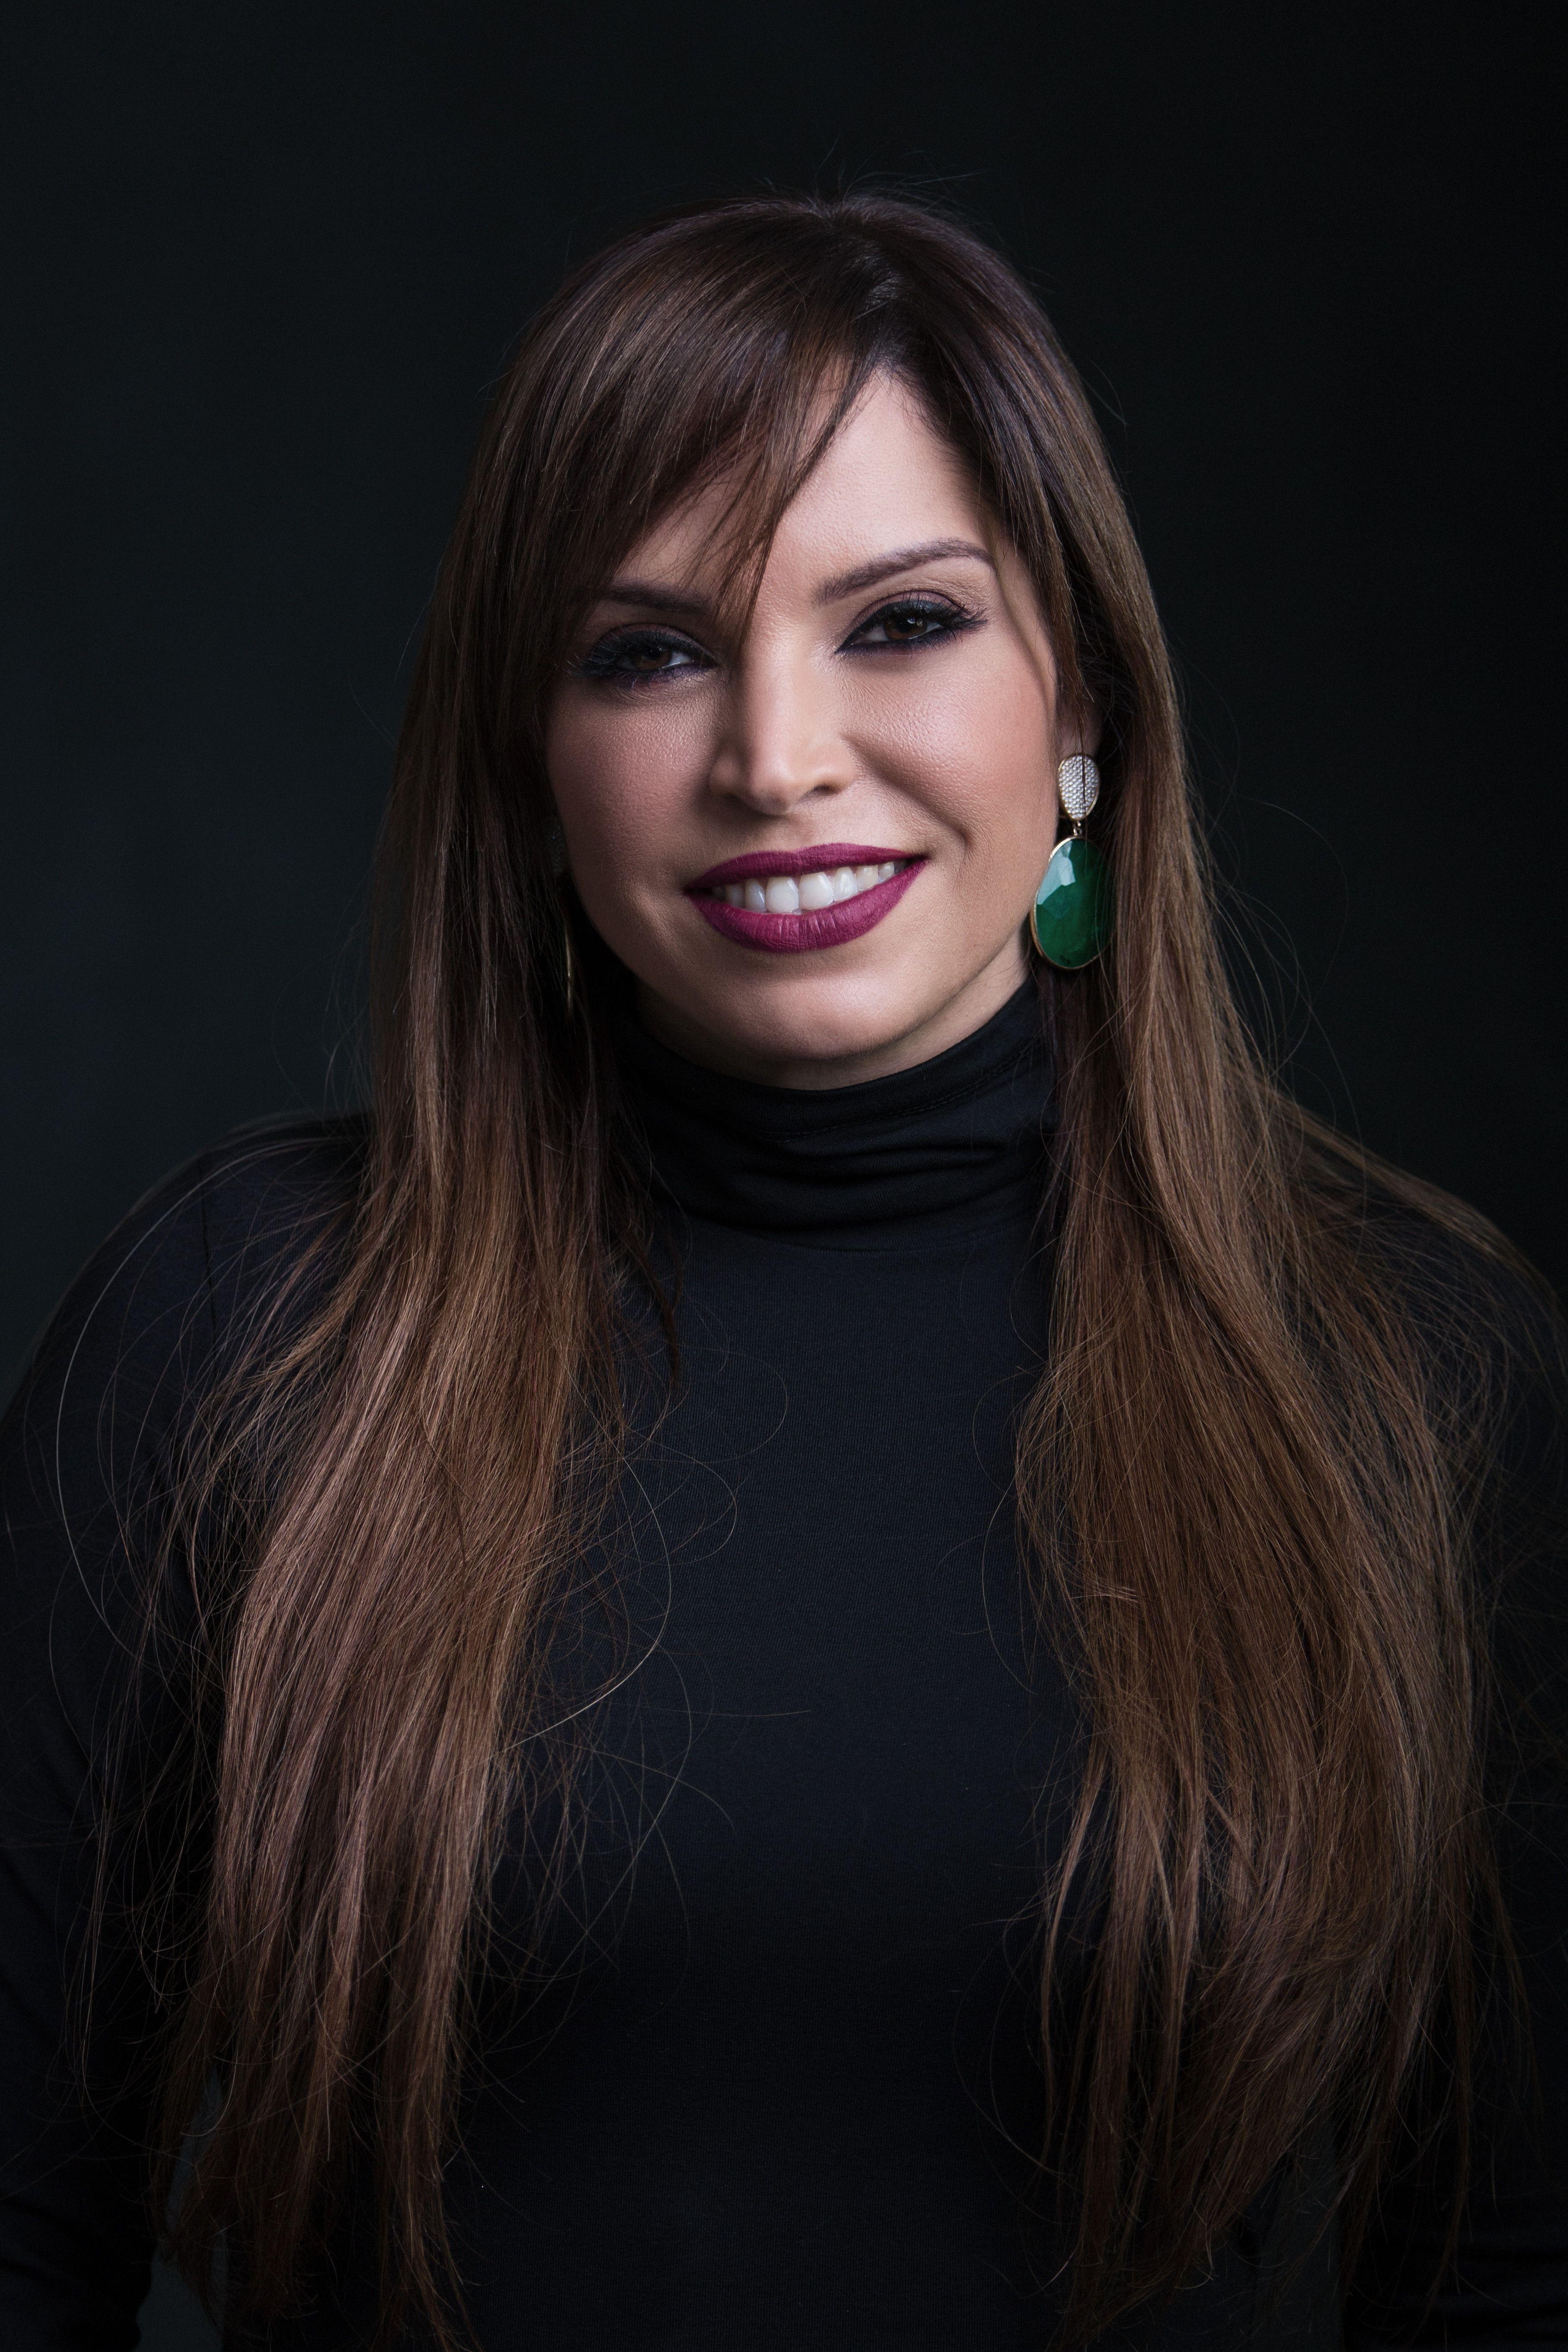 Linda Valette: Ser mujer en un mundo de Hombres